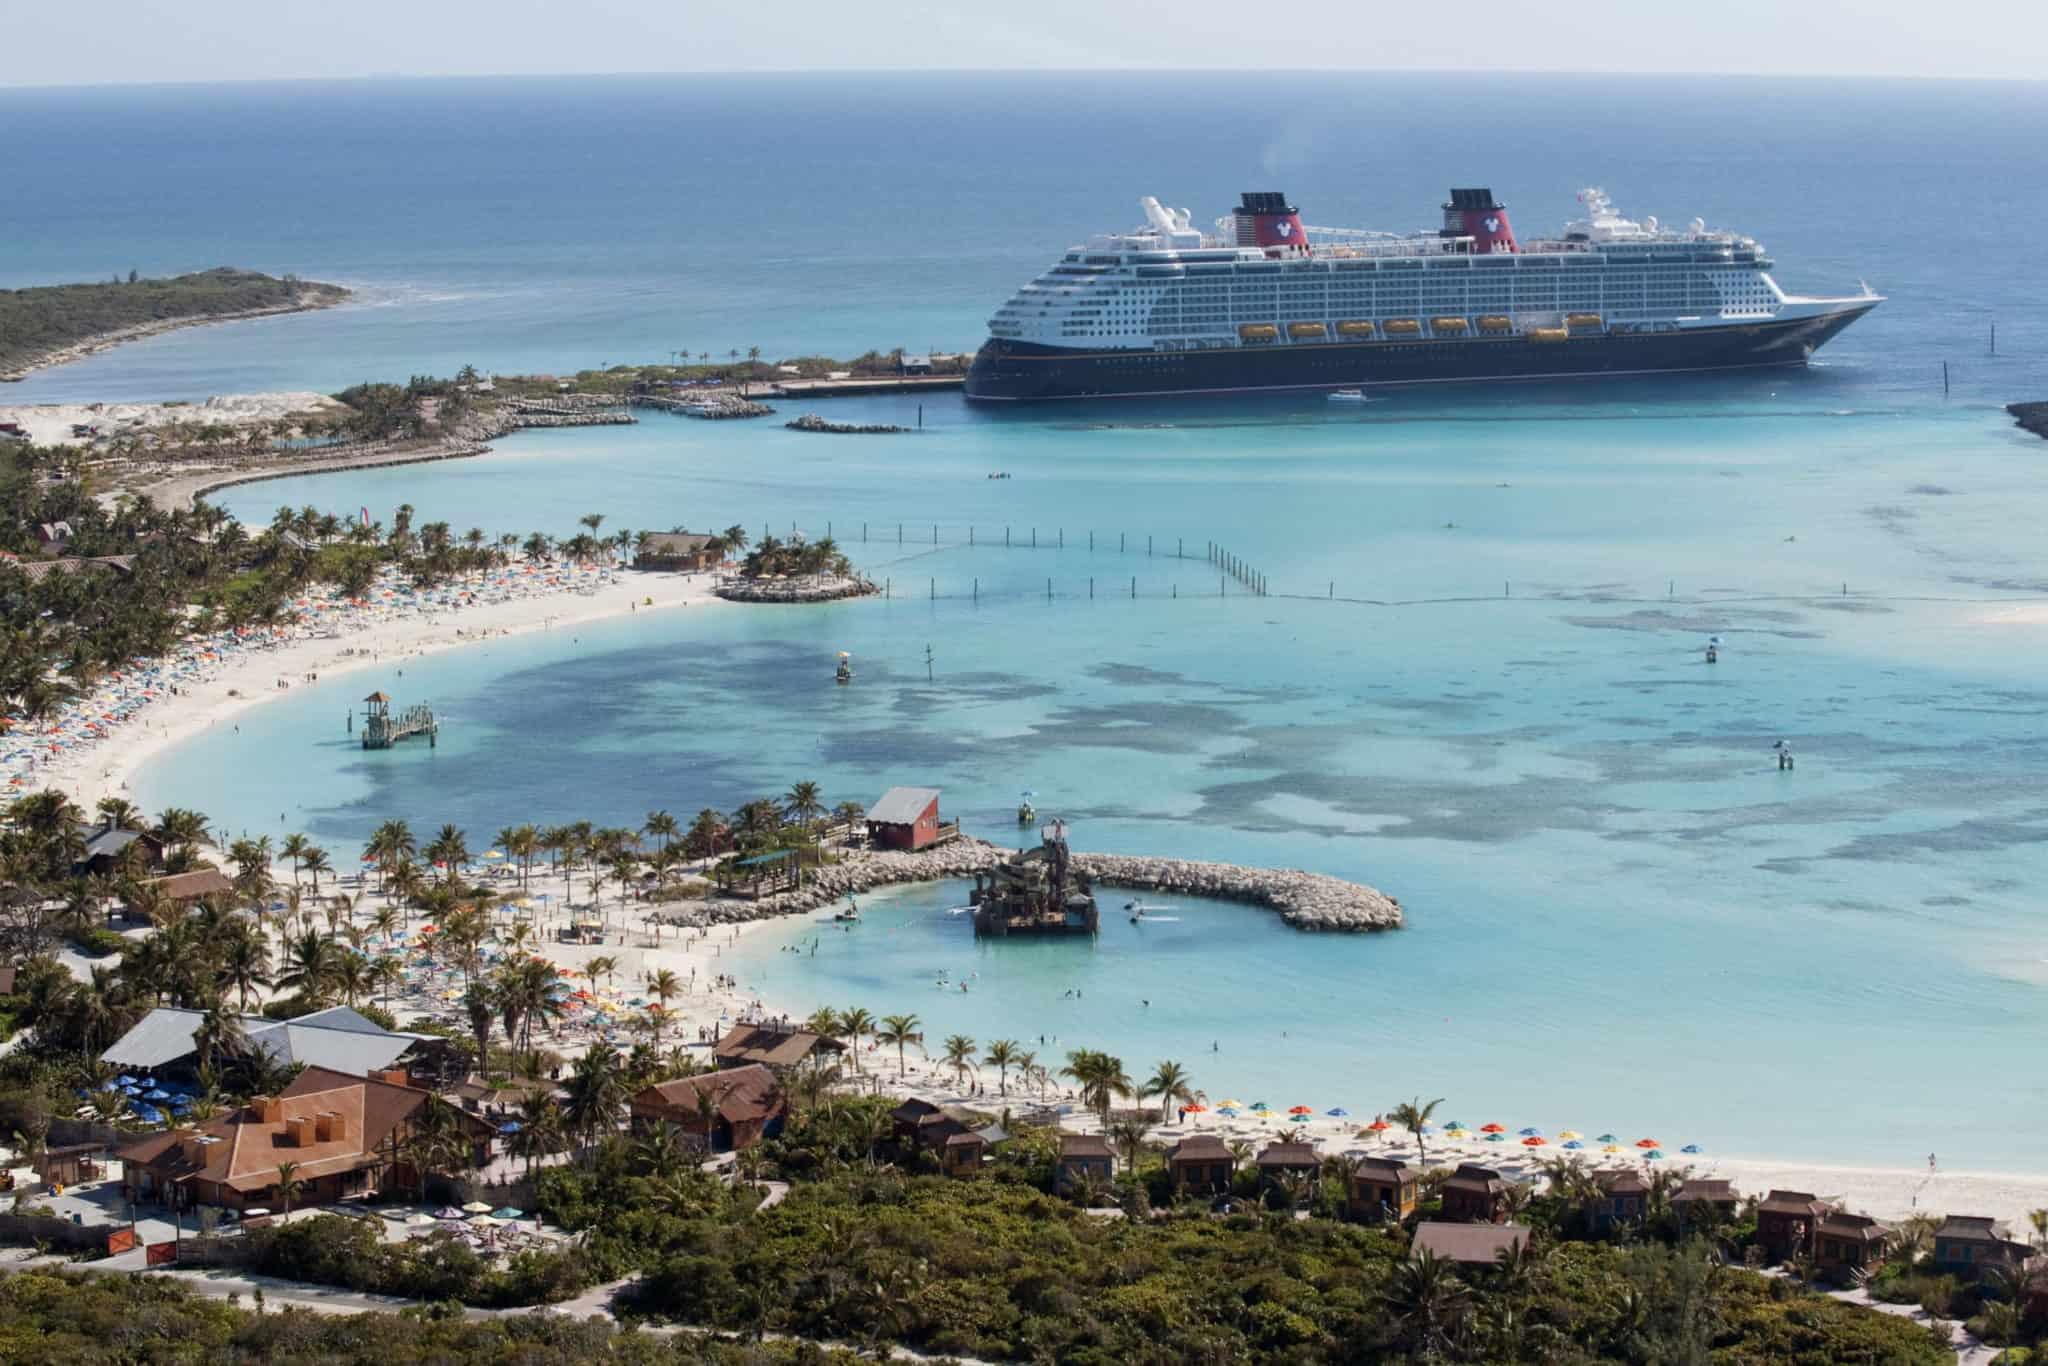 disney cruise castaway cay bahamas island